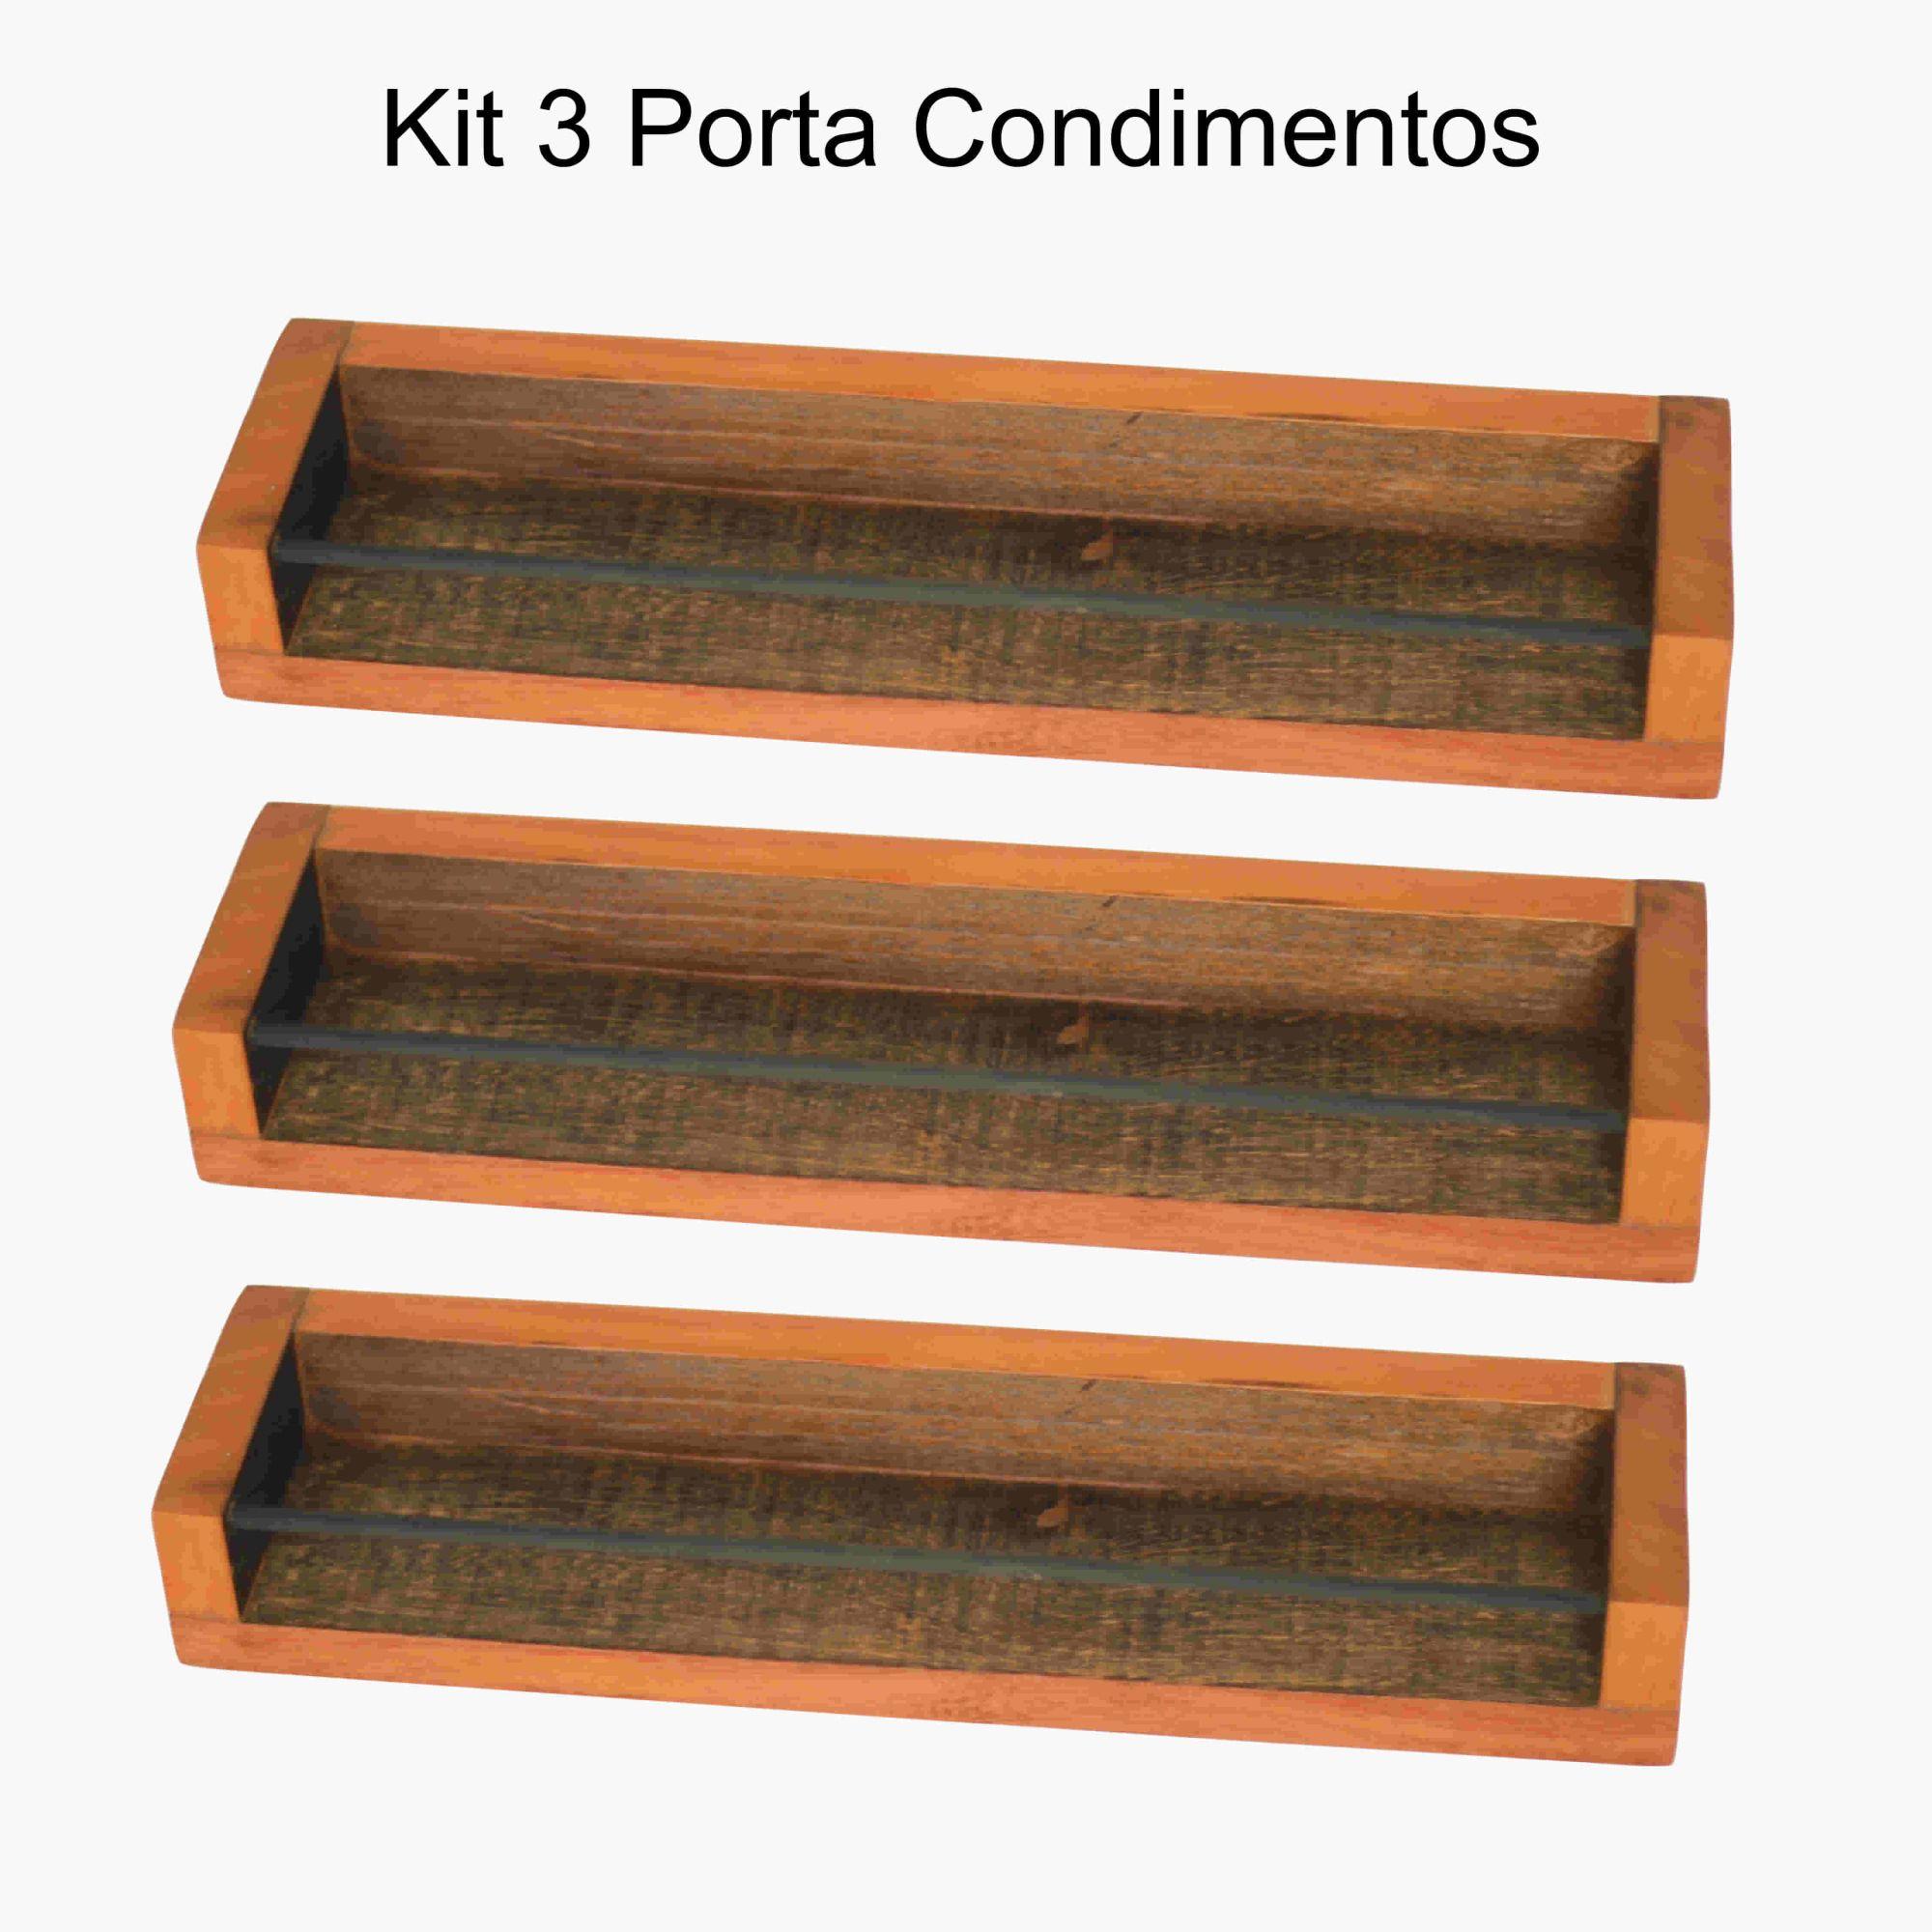 Kit 3 Porta Condimentos em Madeira De Demolição 38x10x4